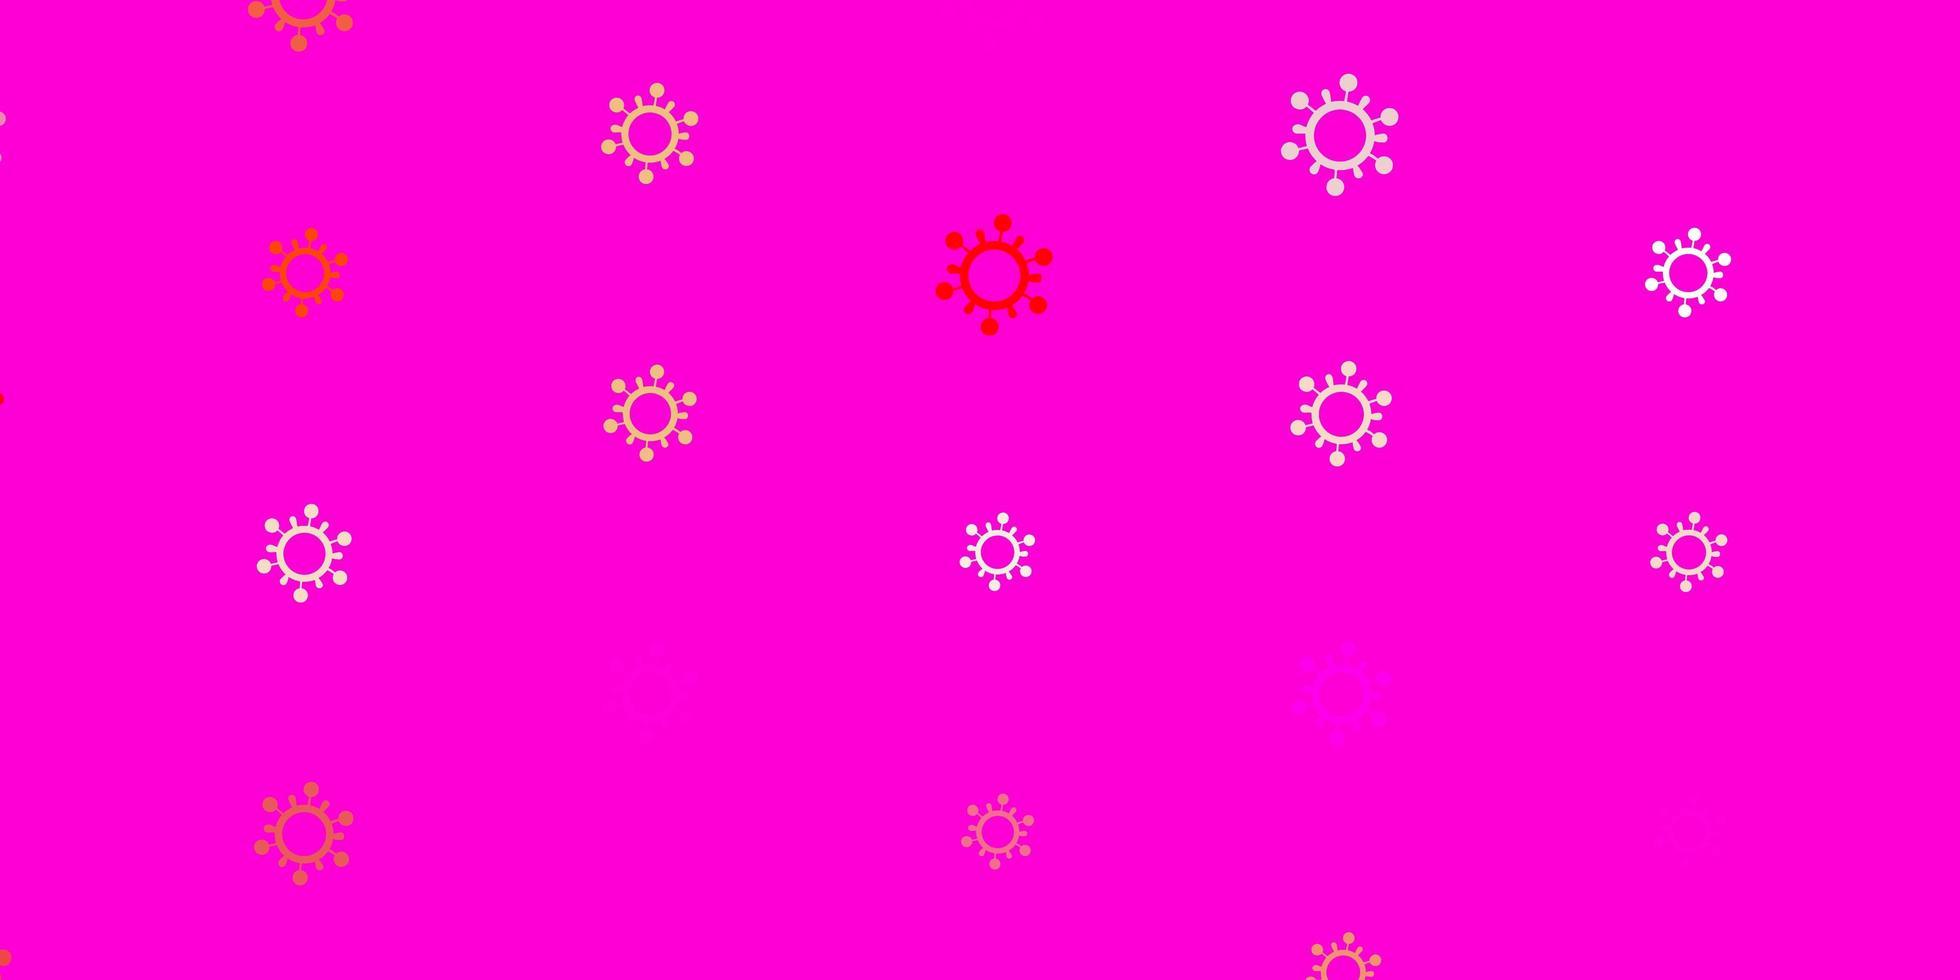 ljusrosa, gult vektormönster med coronaviruselement vektor